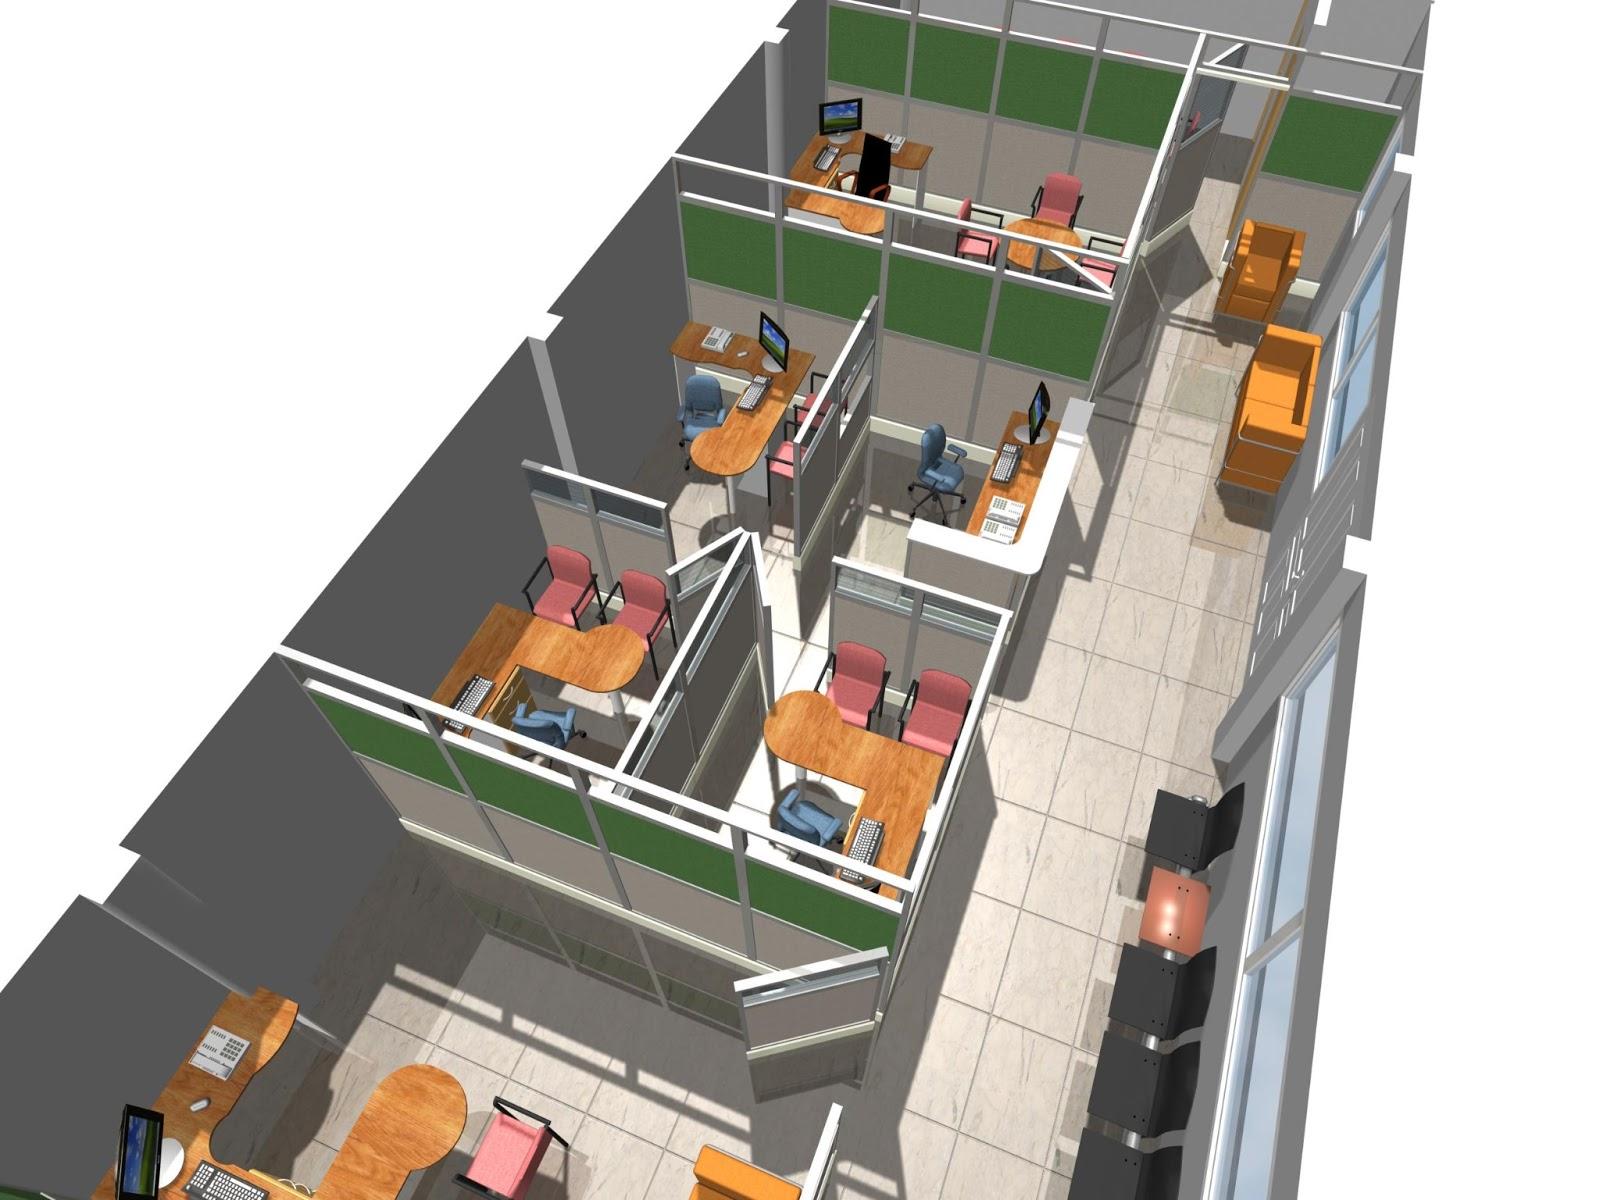 Dise os de oficinas dise o interiorismo construccion for Distribucion de oficinas modernas